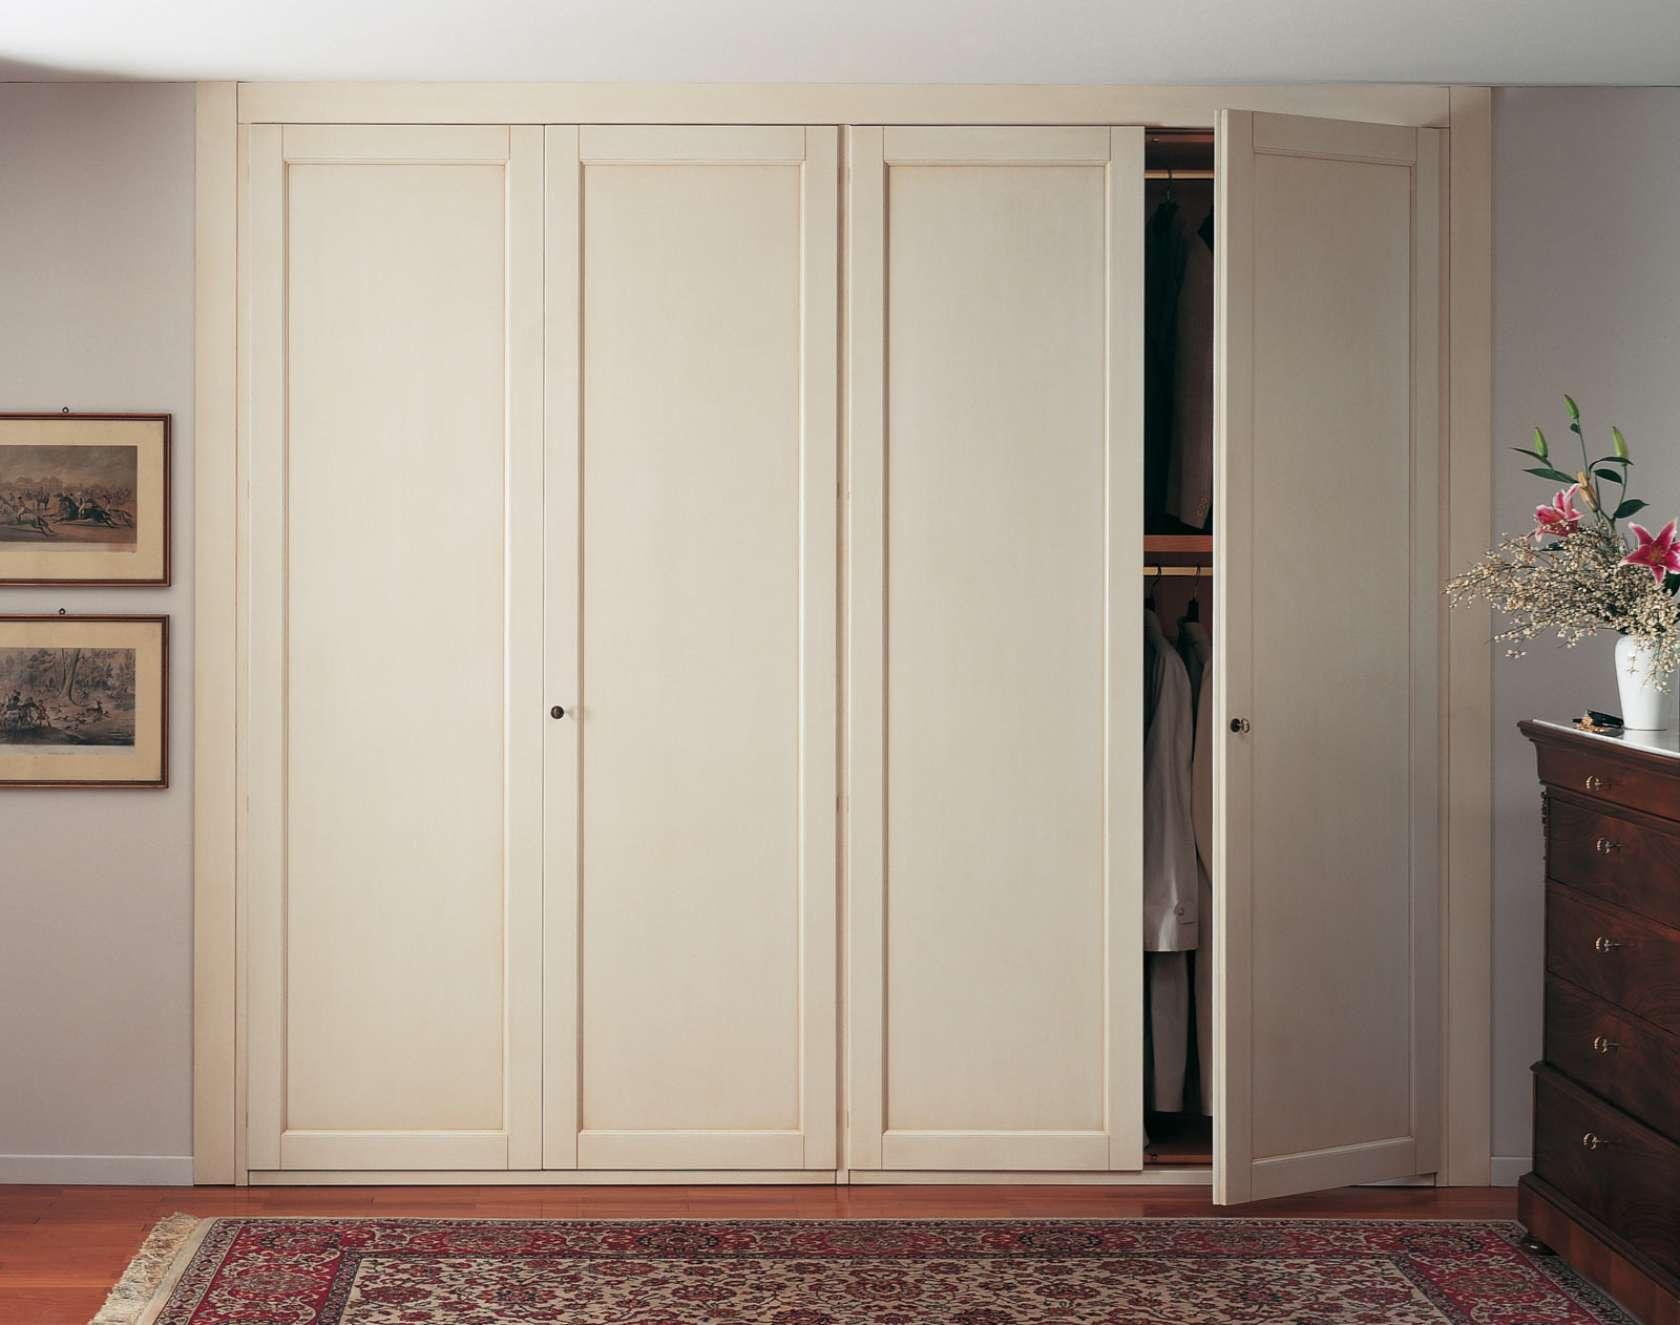 Шкаф купе или распашной шкаф с дверями, что лучше купить.